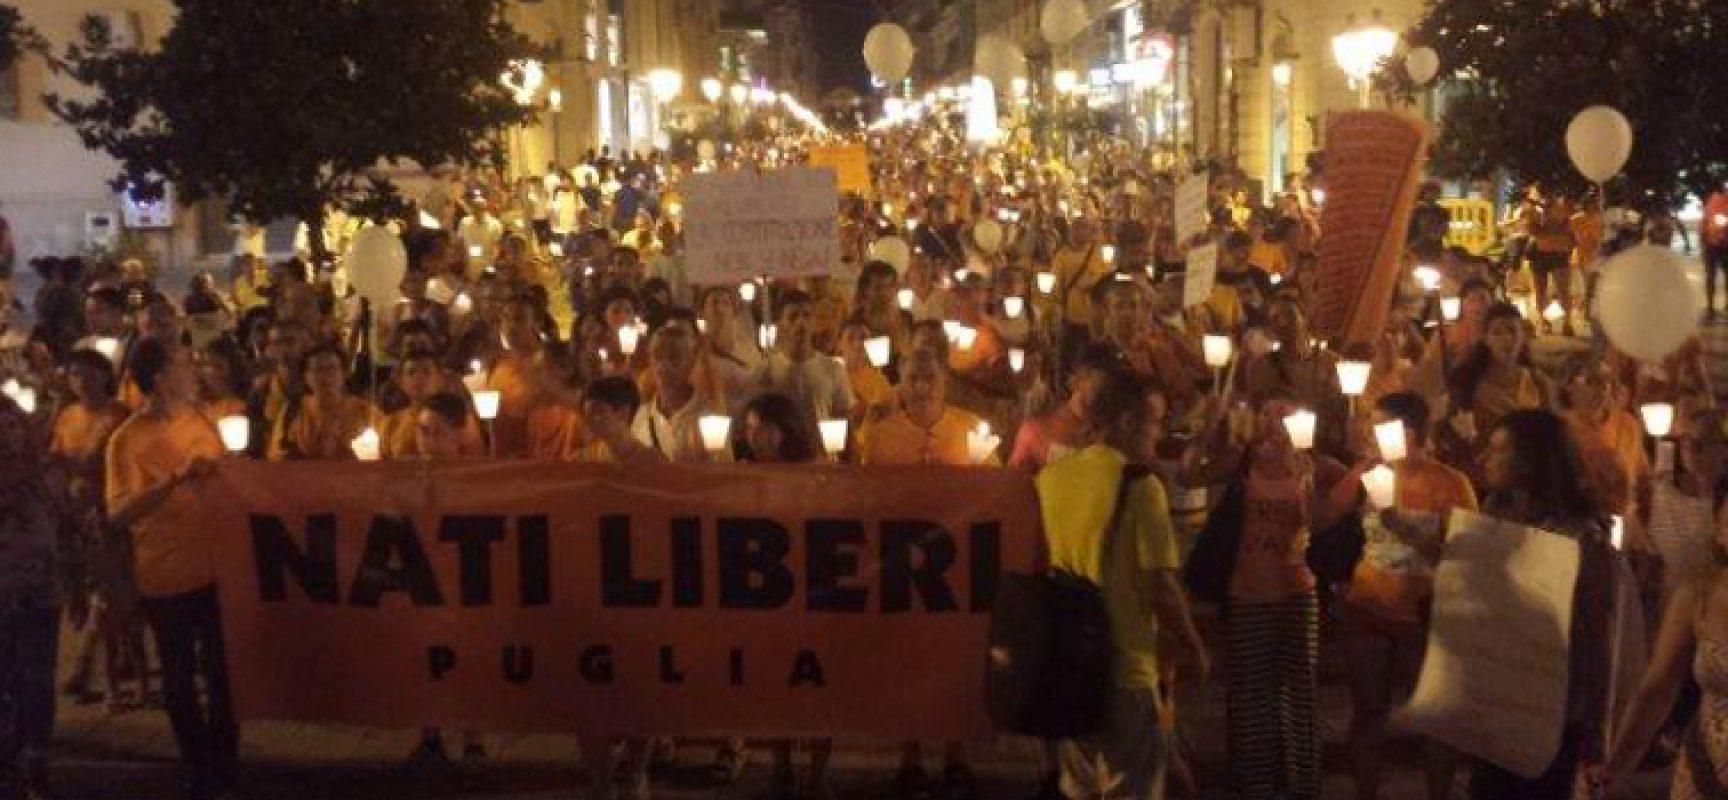 """Delegazione di biscegliesi a Taranto per protestare contro decreto vaccini: """"Ma non siamo anti vax"""" / FOTO"""